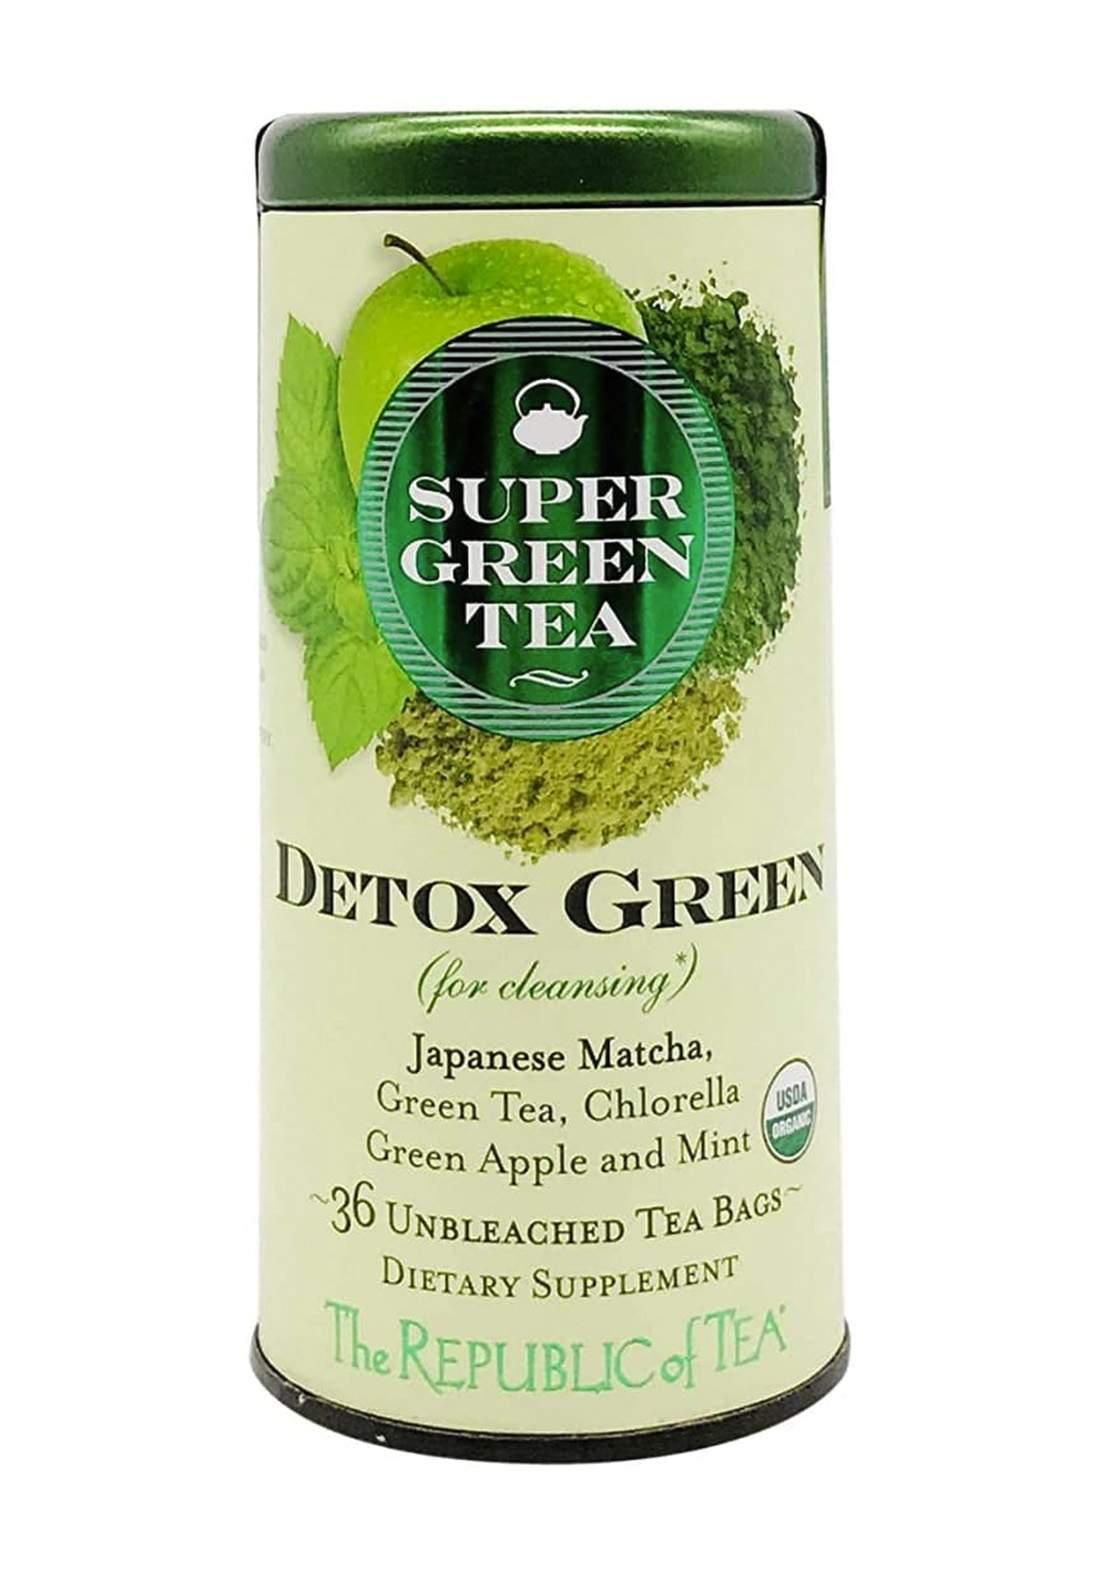 The Republic of Tea Super Green Tea Detox Green 36 TBs شاي الديتوكس 36 ظرف شاي